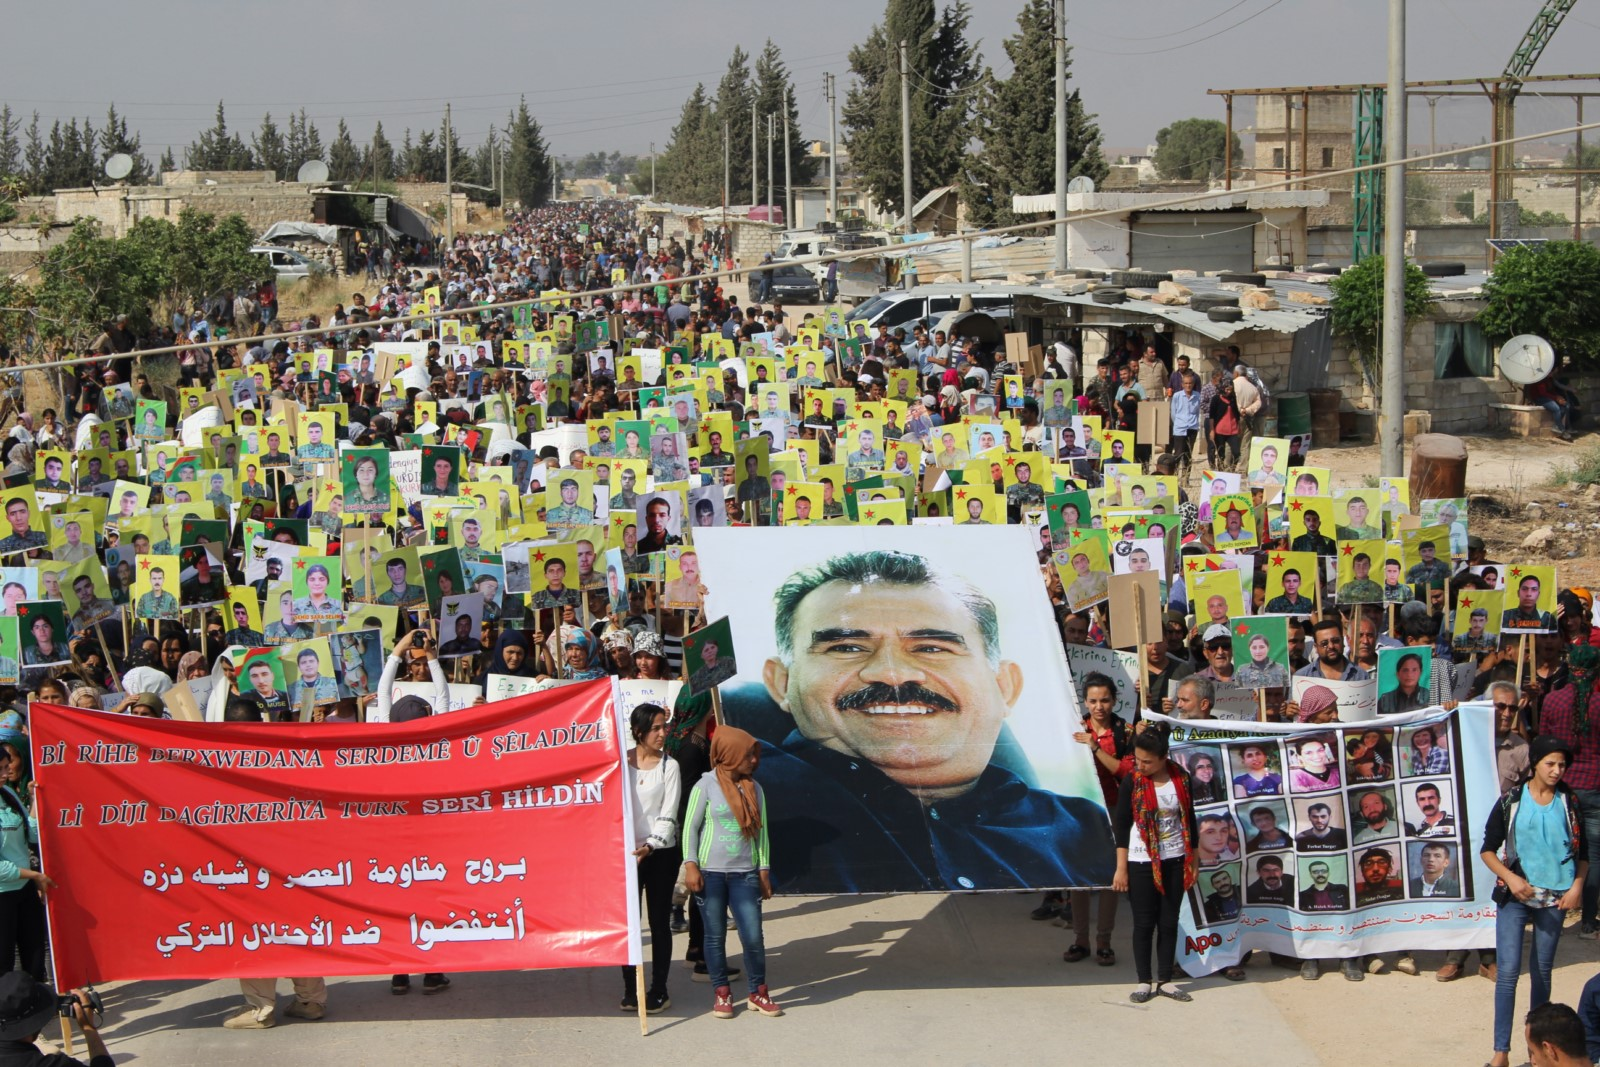 أهالي عفرين والشهباء: بروح مقاومة العصر وشلادزه انتفضوا في وجه الاحتلال التركي